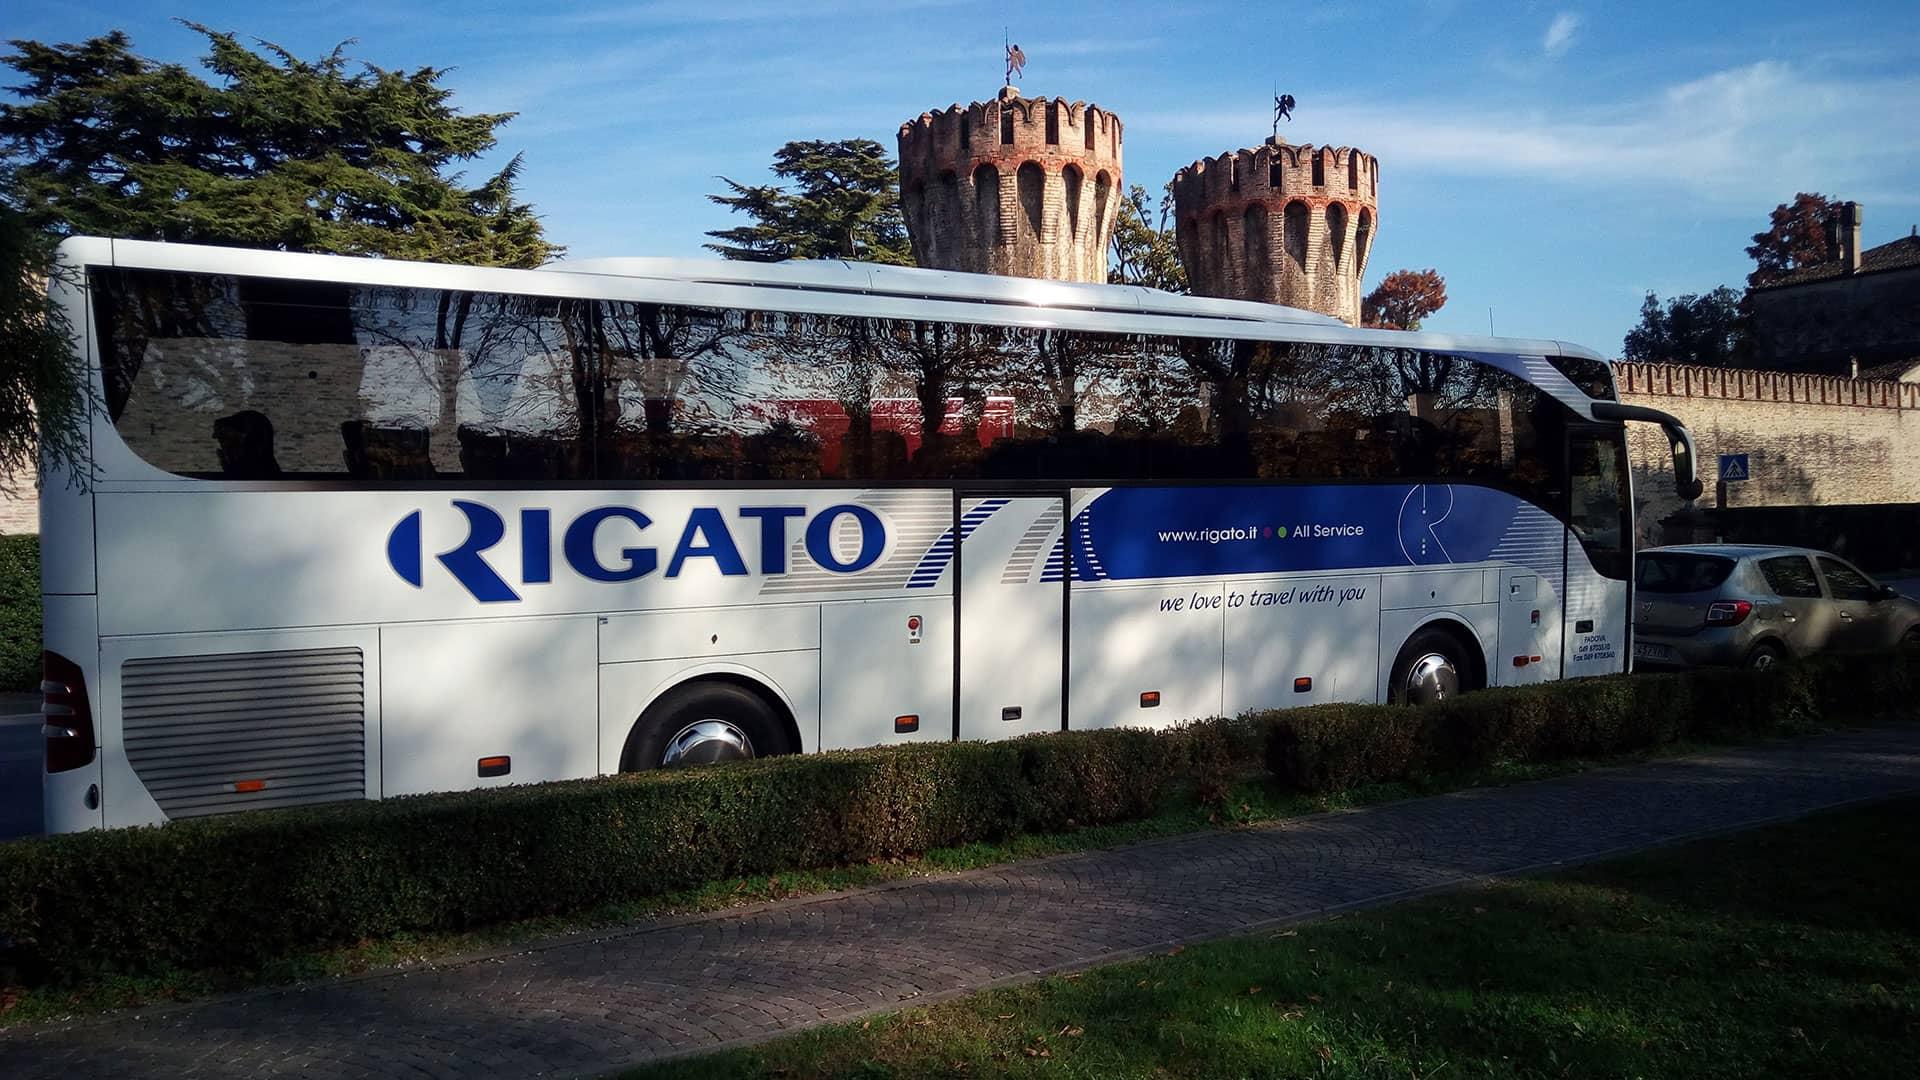 Rigato-Noleggio-Bus-1